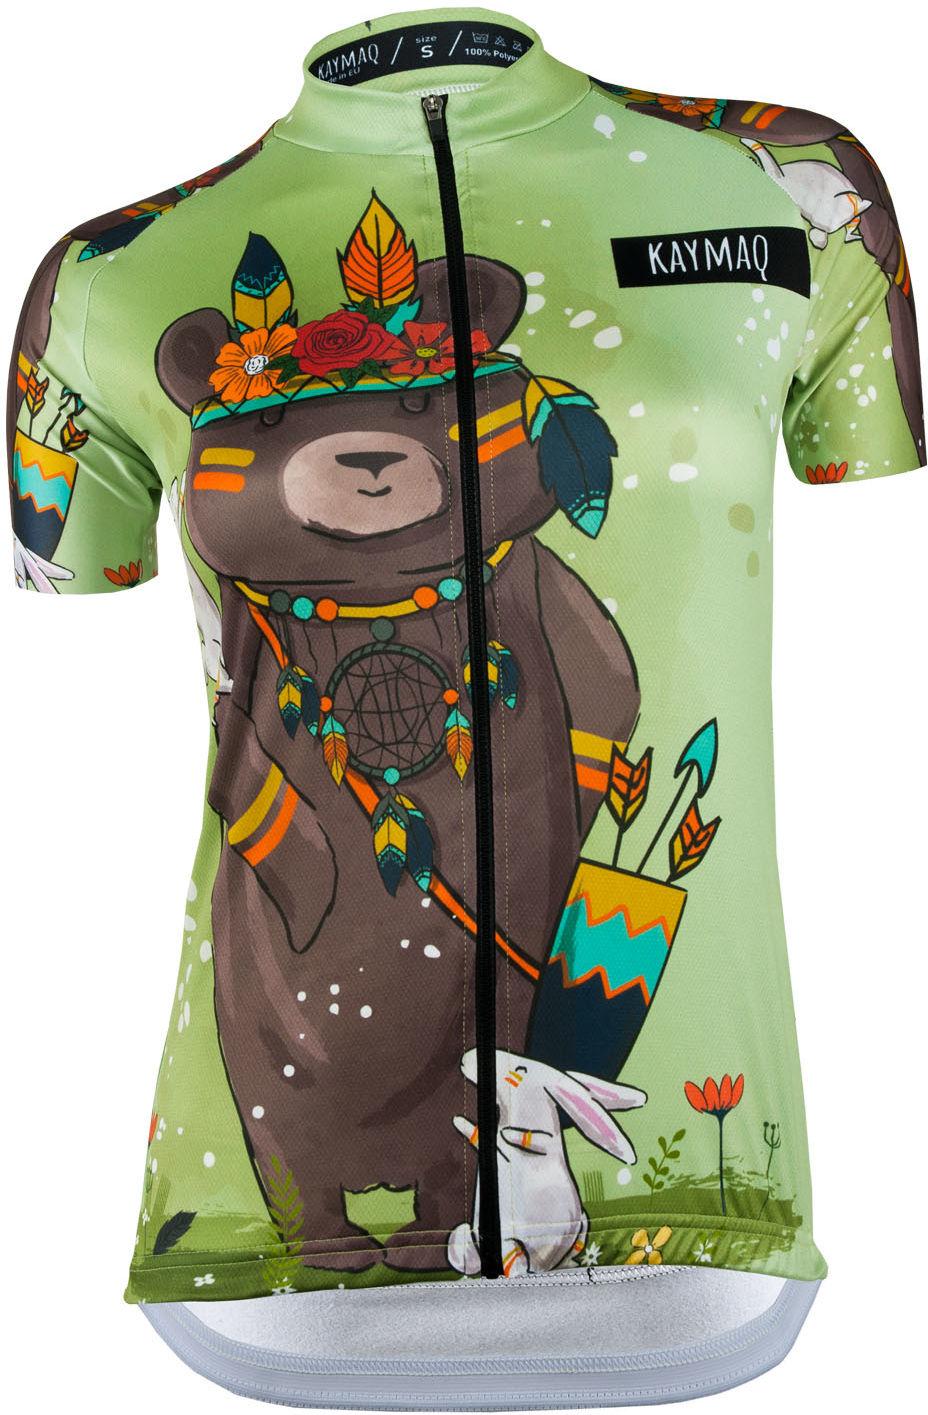 KAYMAQ DESIGN W12 damska koszulka rowerowa krótki rękaw Rozmiar: S,KYMQ-W12-KOSZ